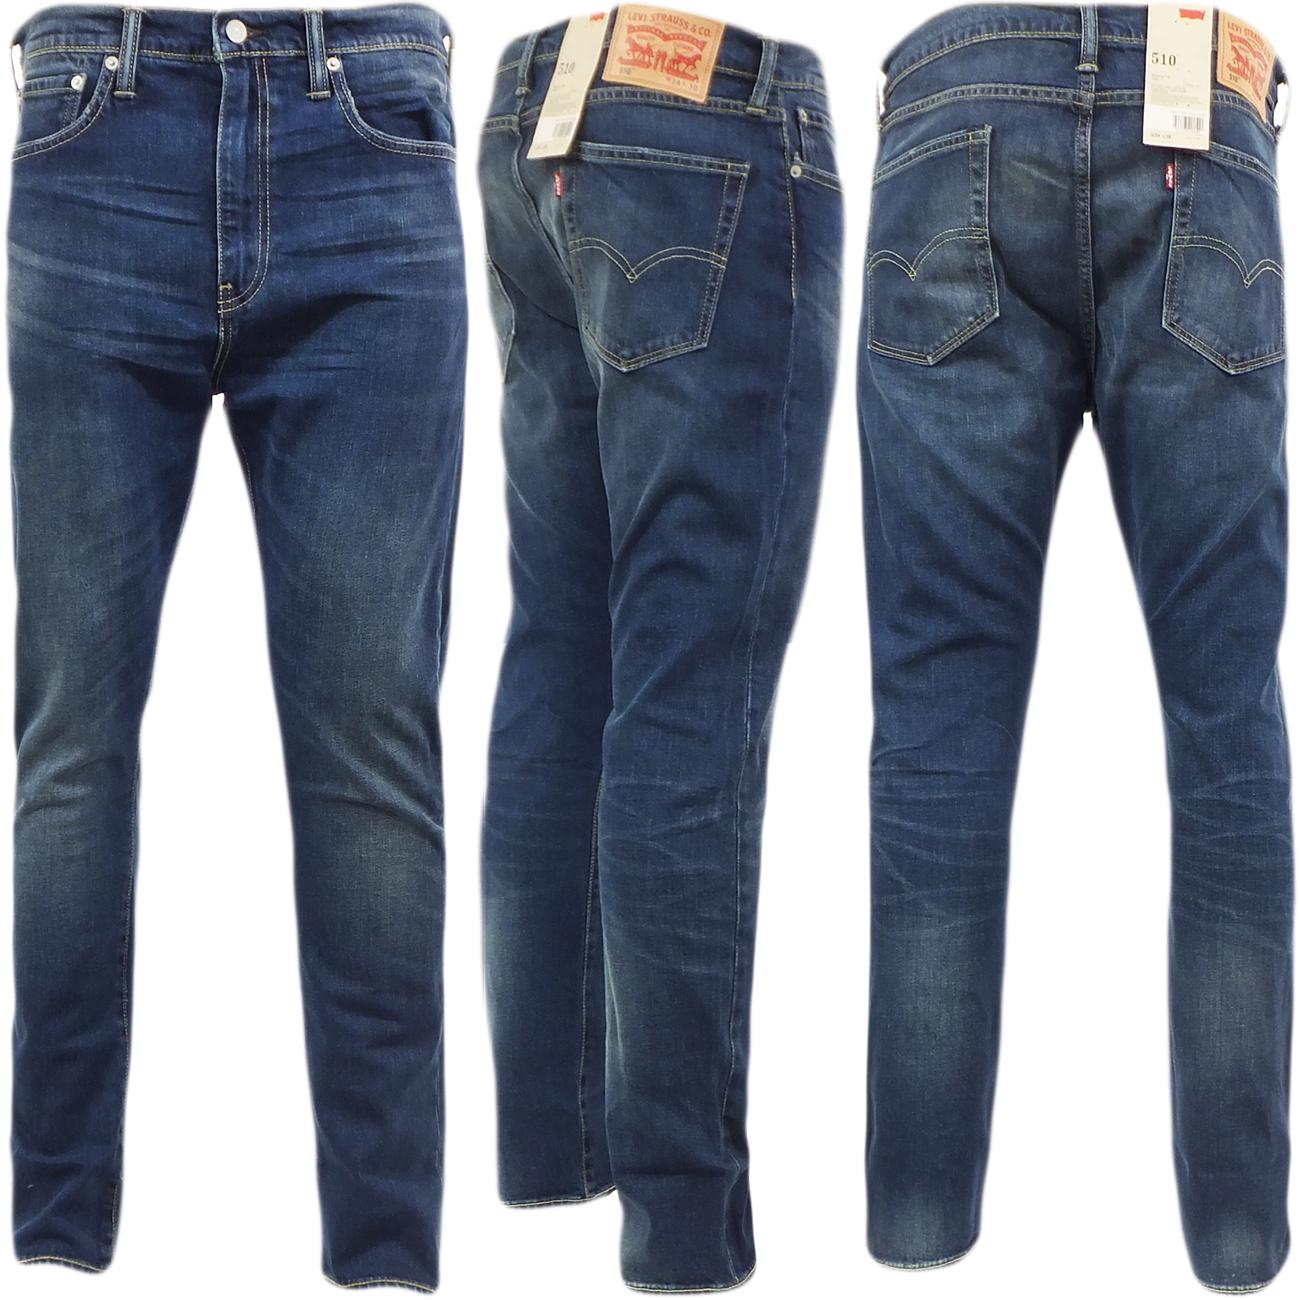 eb97533d Mens Levi 510 Skinny Fit Jeans Slim/Narrow Leg Canyon Blue 30 32 34 ...